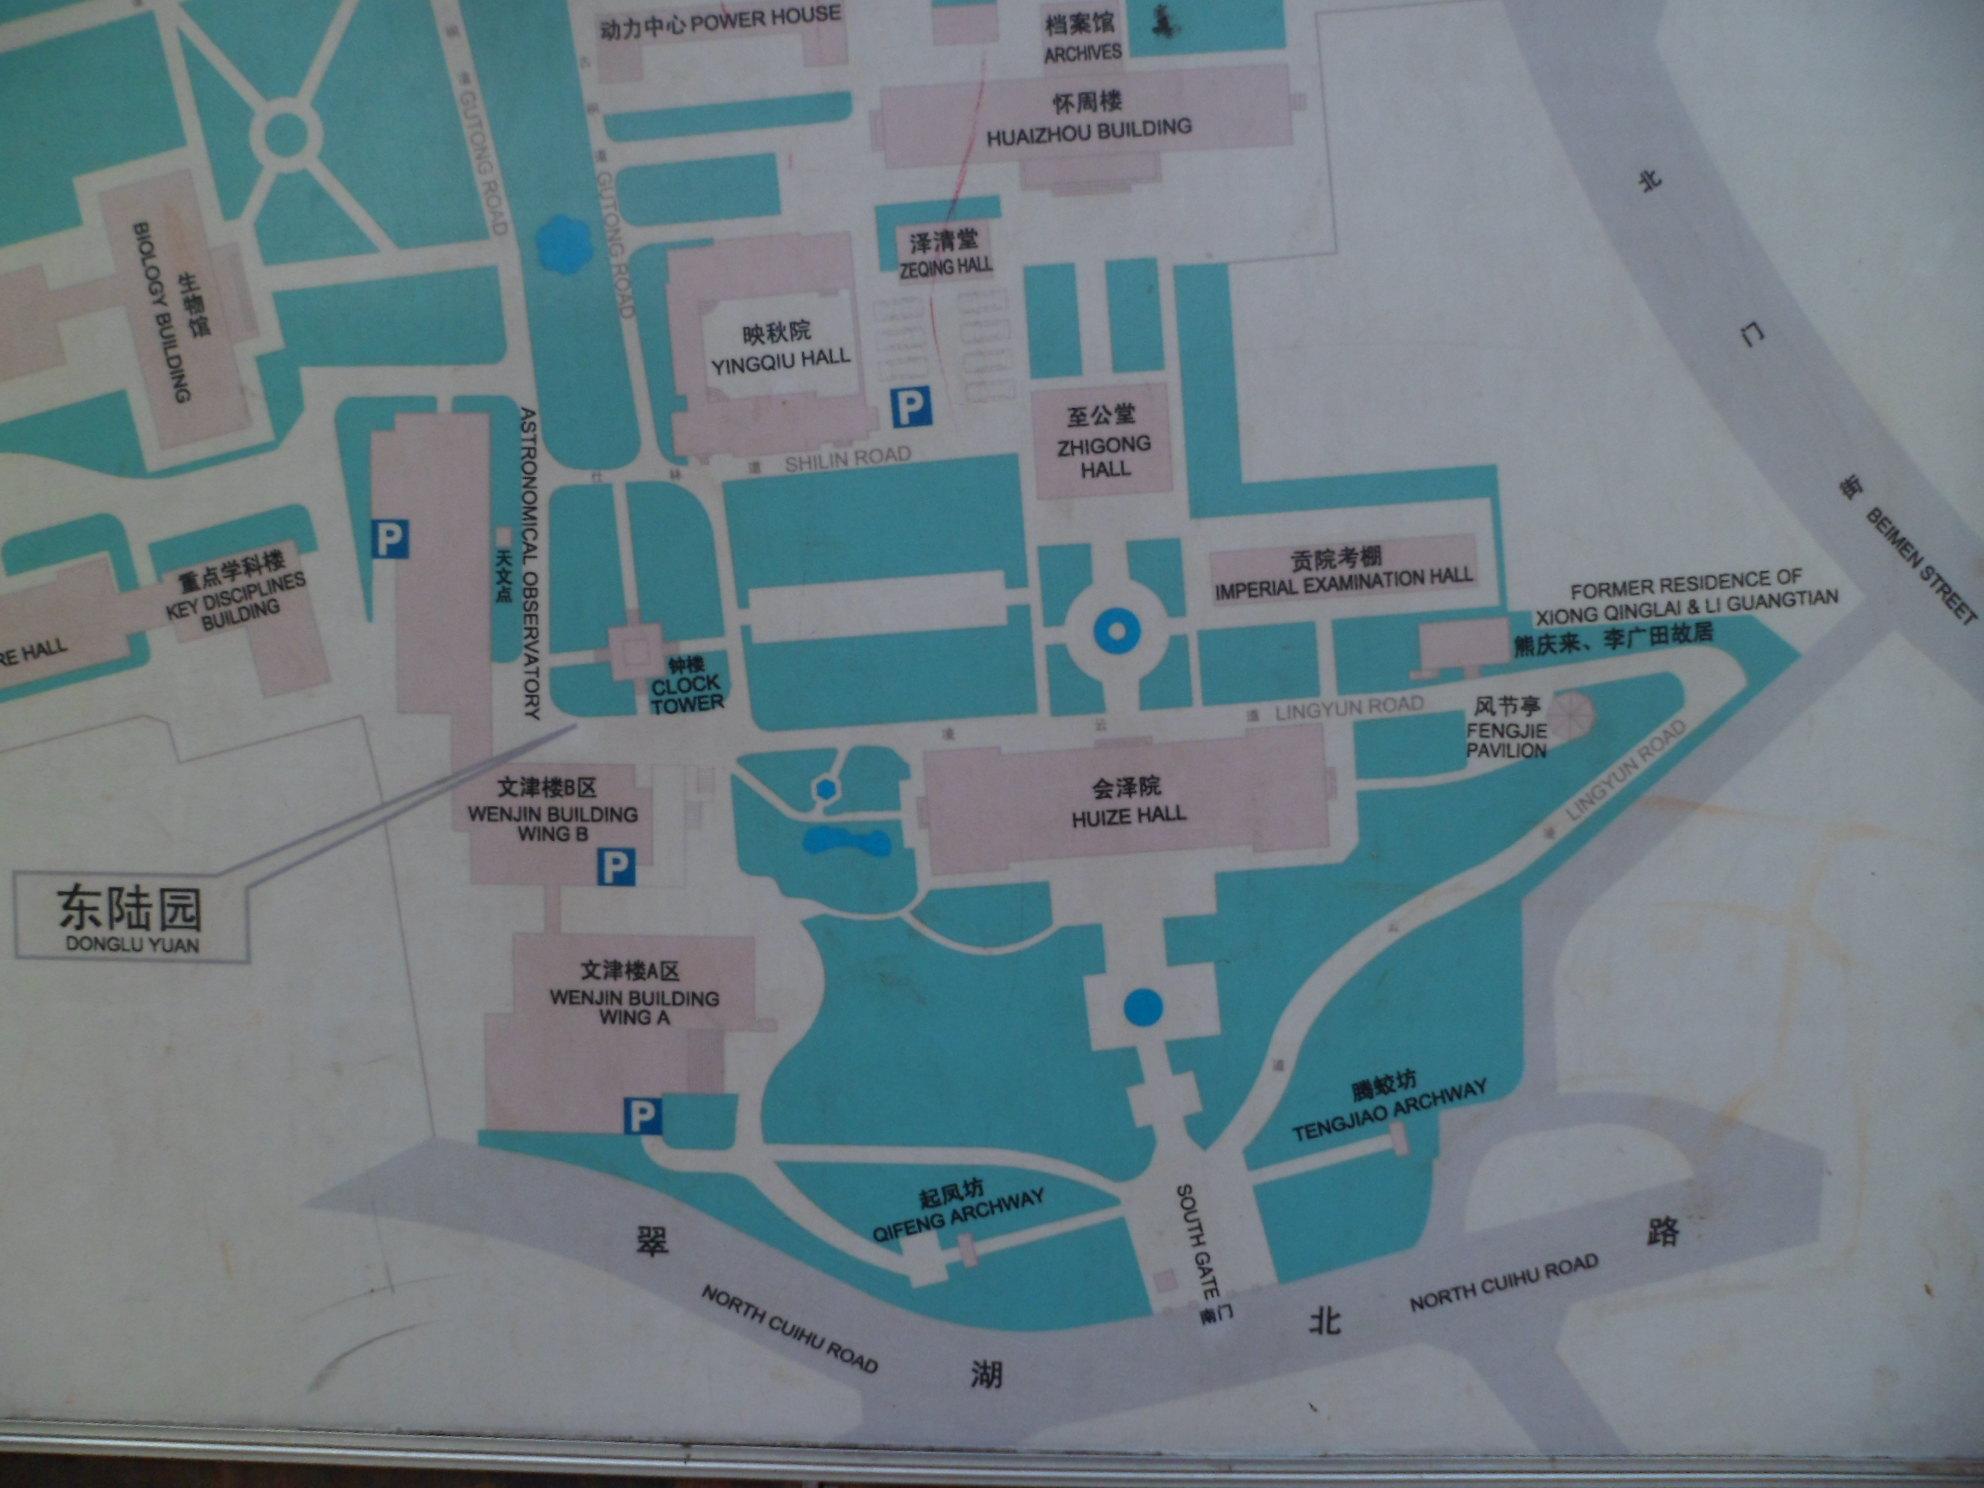 雲南大學始建于1922年,時稱私立東陸大學,1938年改為國立雲南大學,是中國西部最早建立的大學之一。學校位于昆明市五華區,毗鄰翠湖公園,風光優美環境清幽,是游人閒暇漫步、感受學術氛圍的必游之地。 雲大風景優美,會澤院、映秋院等景觀值得一賞,特別是著名的銀杏道。走在雲大文淵樓到會澤院一帶的銀杏大道上,但見棵棵銀杏樹枝繁葉茂,滿目金黃很是亮眼,是雲大校園最美的景色之一。 從南門進入校區後既是95個台階,暗含九五之尊之意,登上95個台階,就來到會澤院。紅磚高牆、白色羅馬柱,這座歐風濃鬱的建築始建于1923年